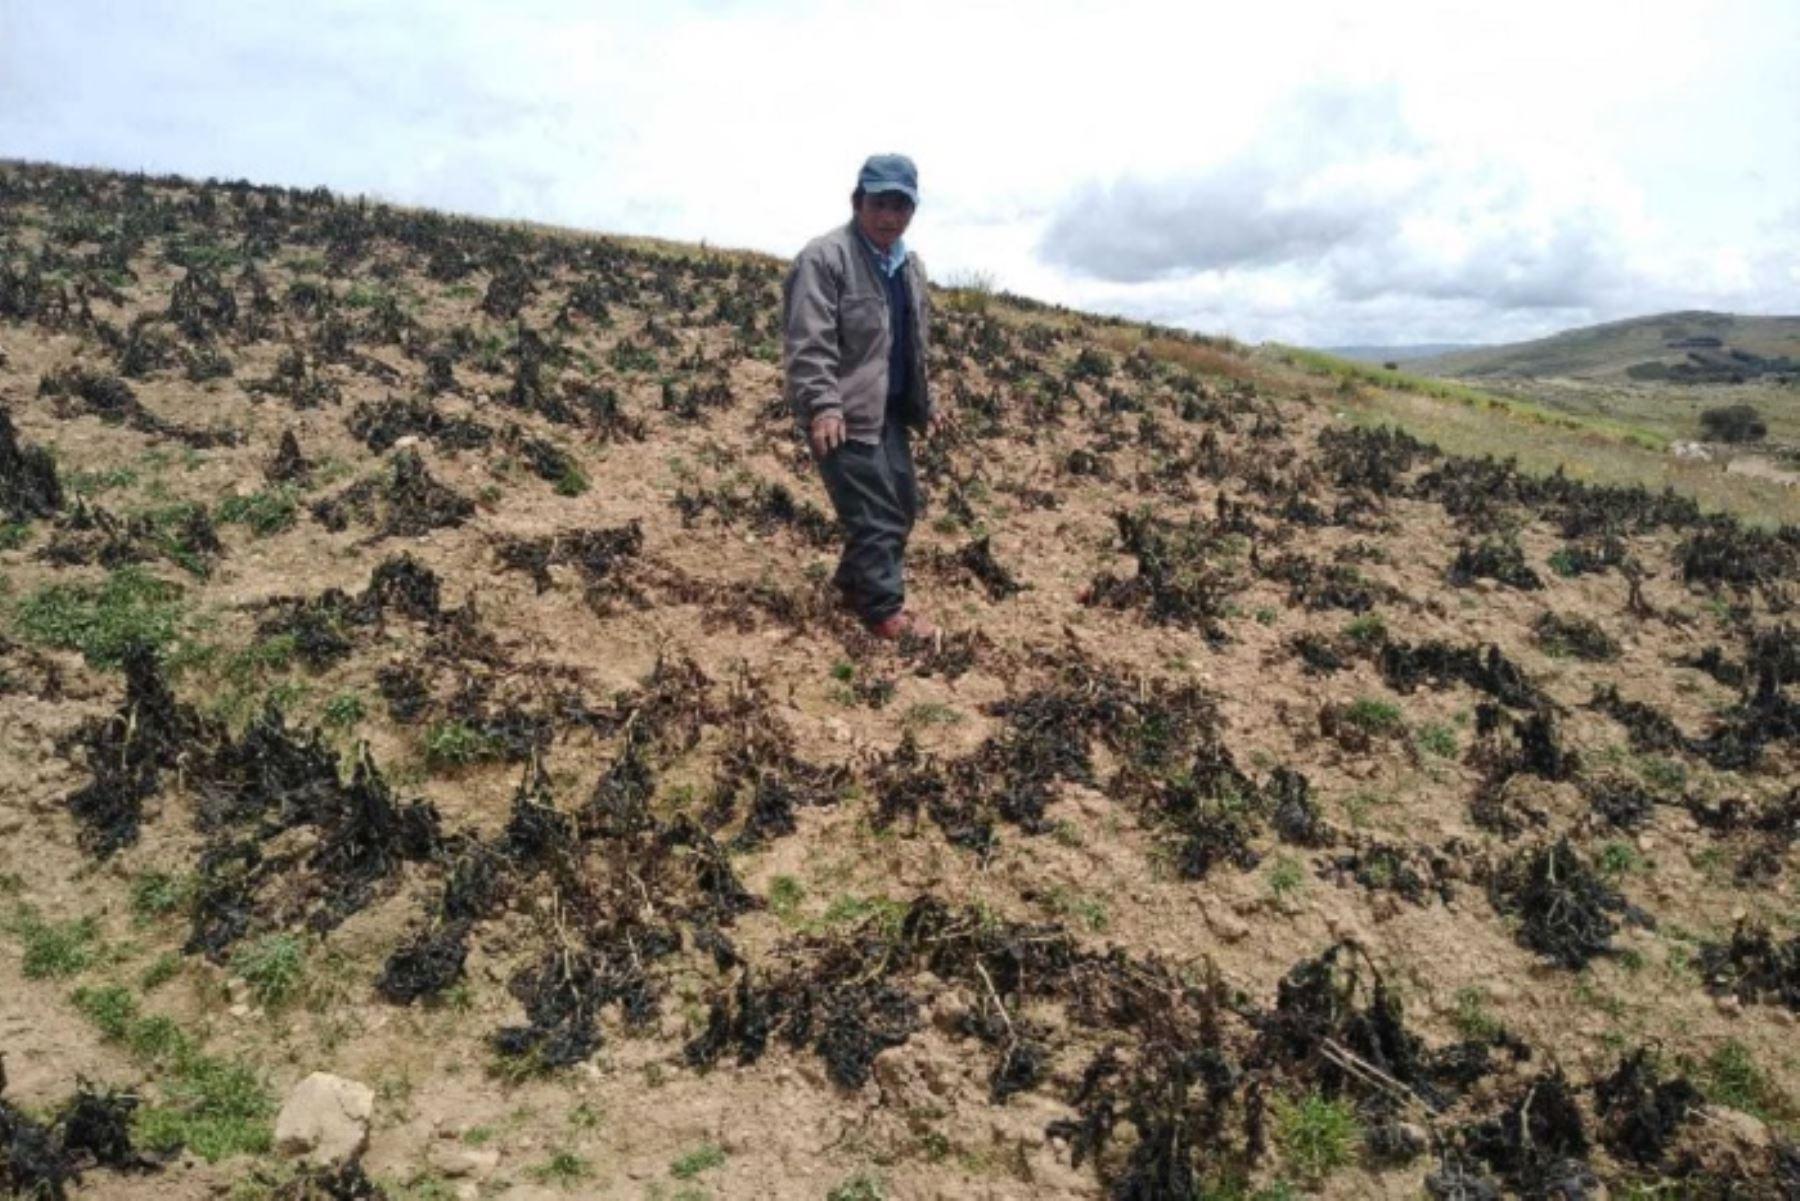 A causa de intensas heladas, los agricultores del distrito de Pucará, en la provincia de Huancayo, (Junín); y de Pazos en la provincia de Tayacaja (Huancavelica), sufrieron cuantiosas pérdidas económicas, hecho que los ha sumido en una dramática situación.